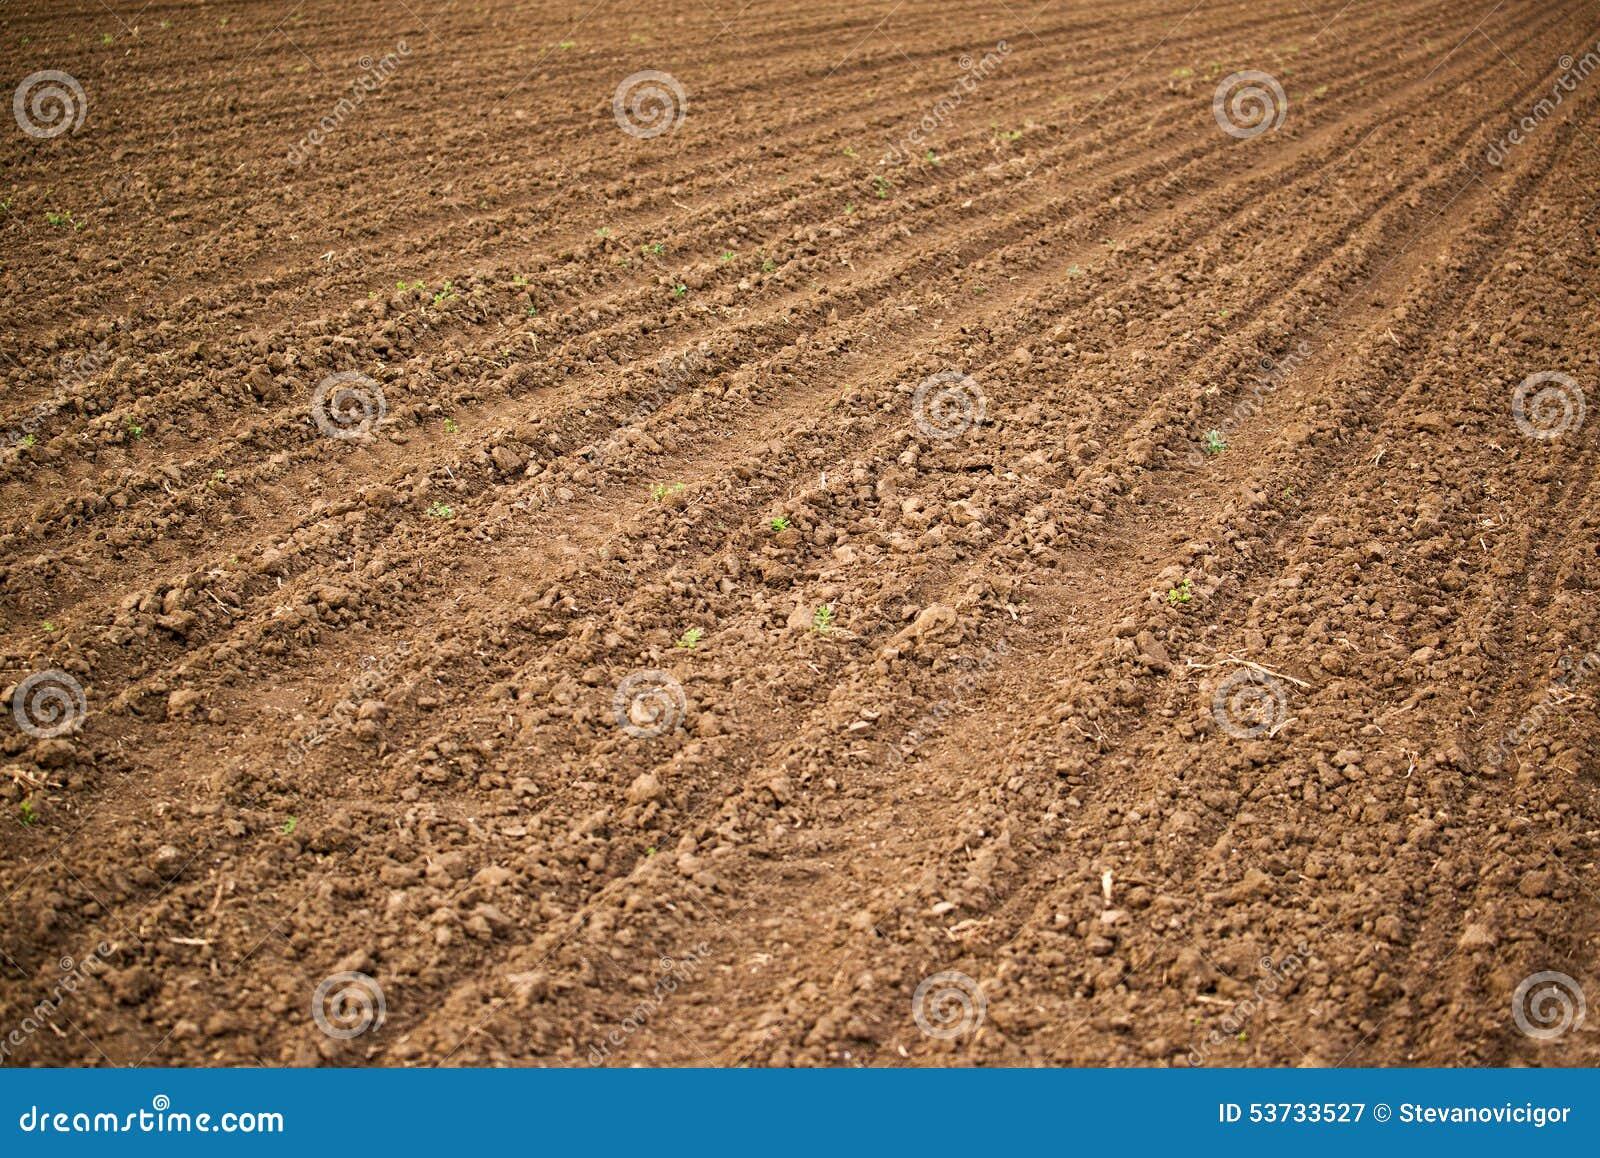 Campo agr cola suelo de la tierra de labrant o foto de for Tierra suelo wallpaper